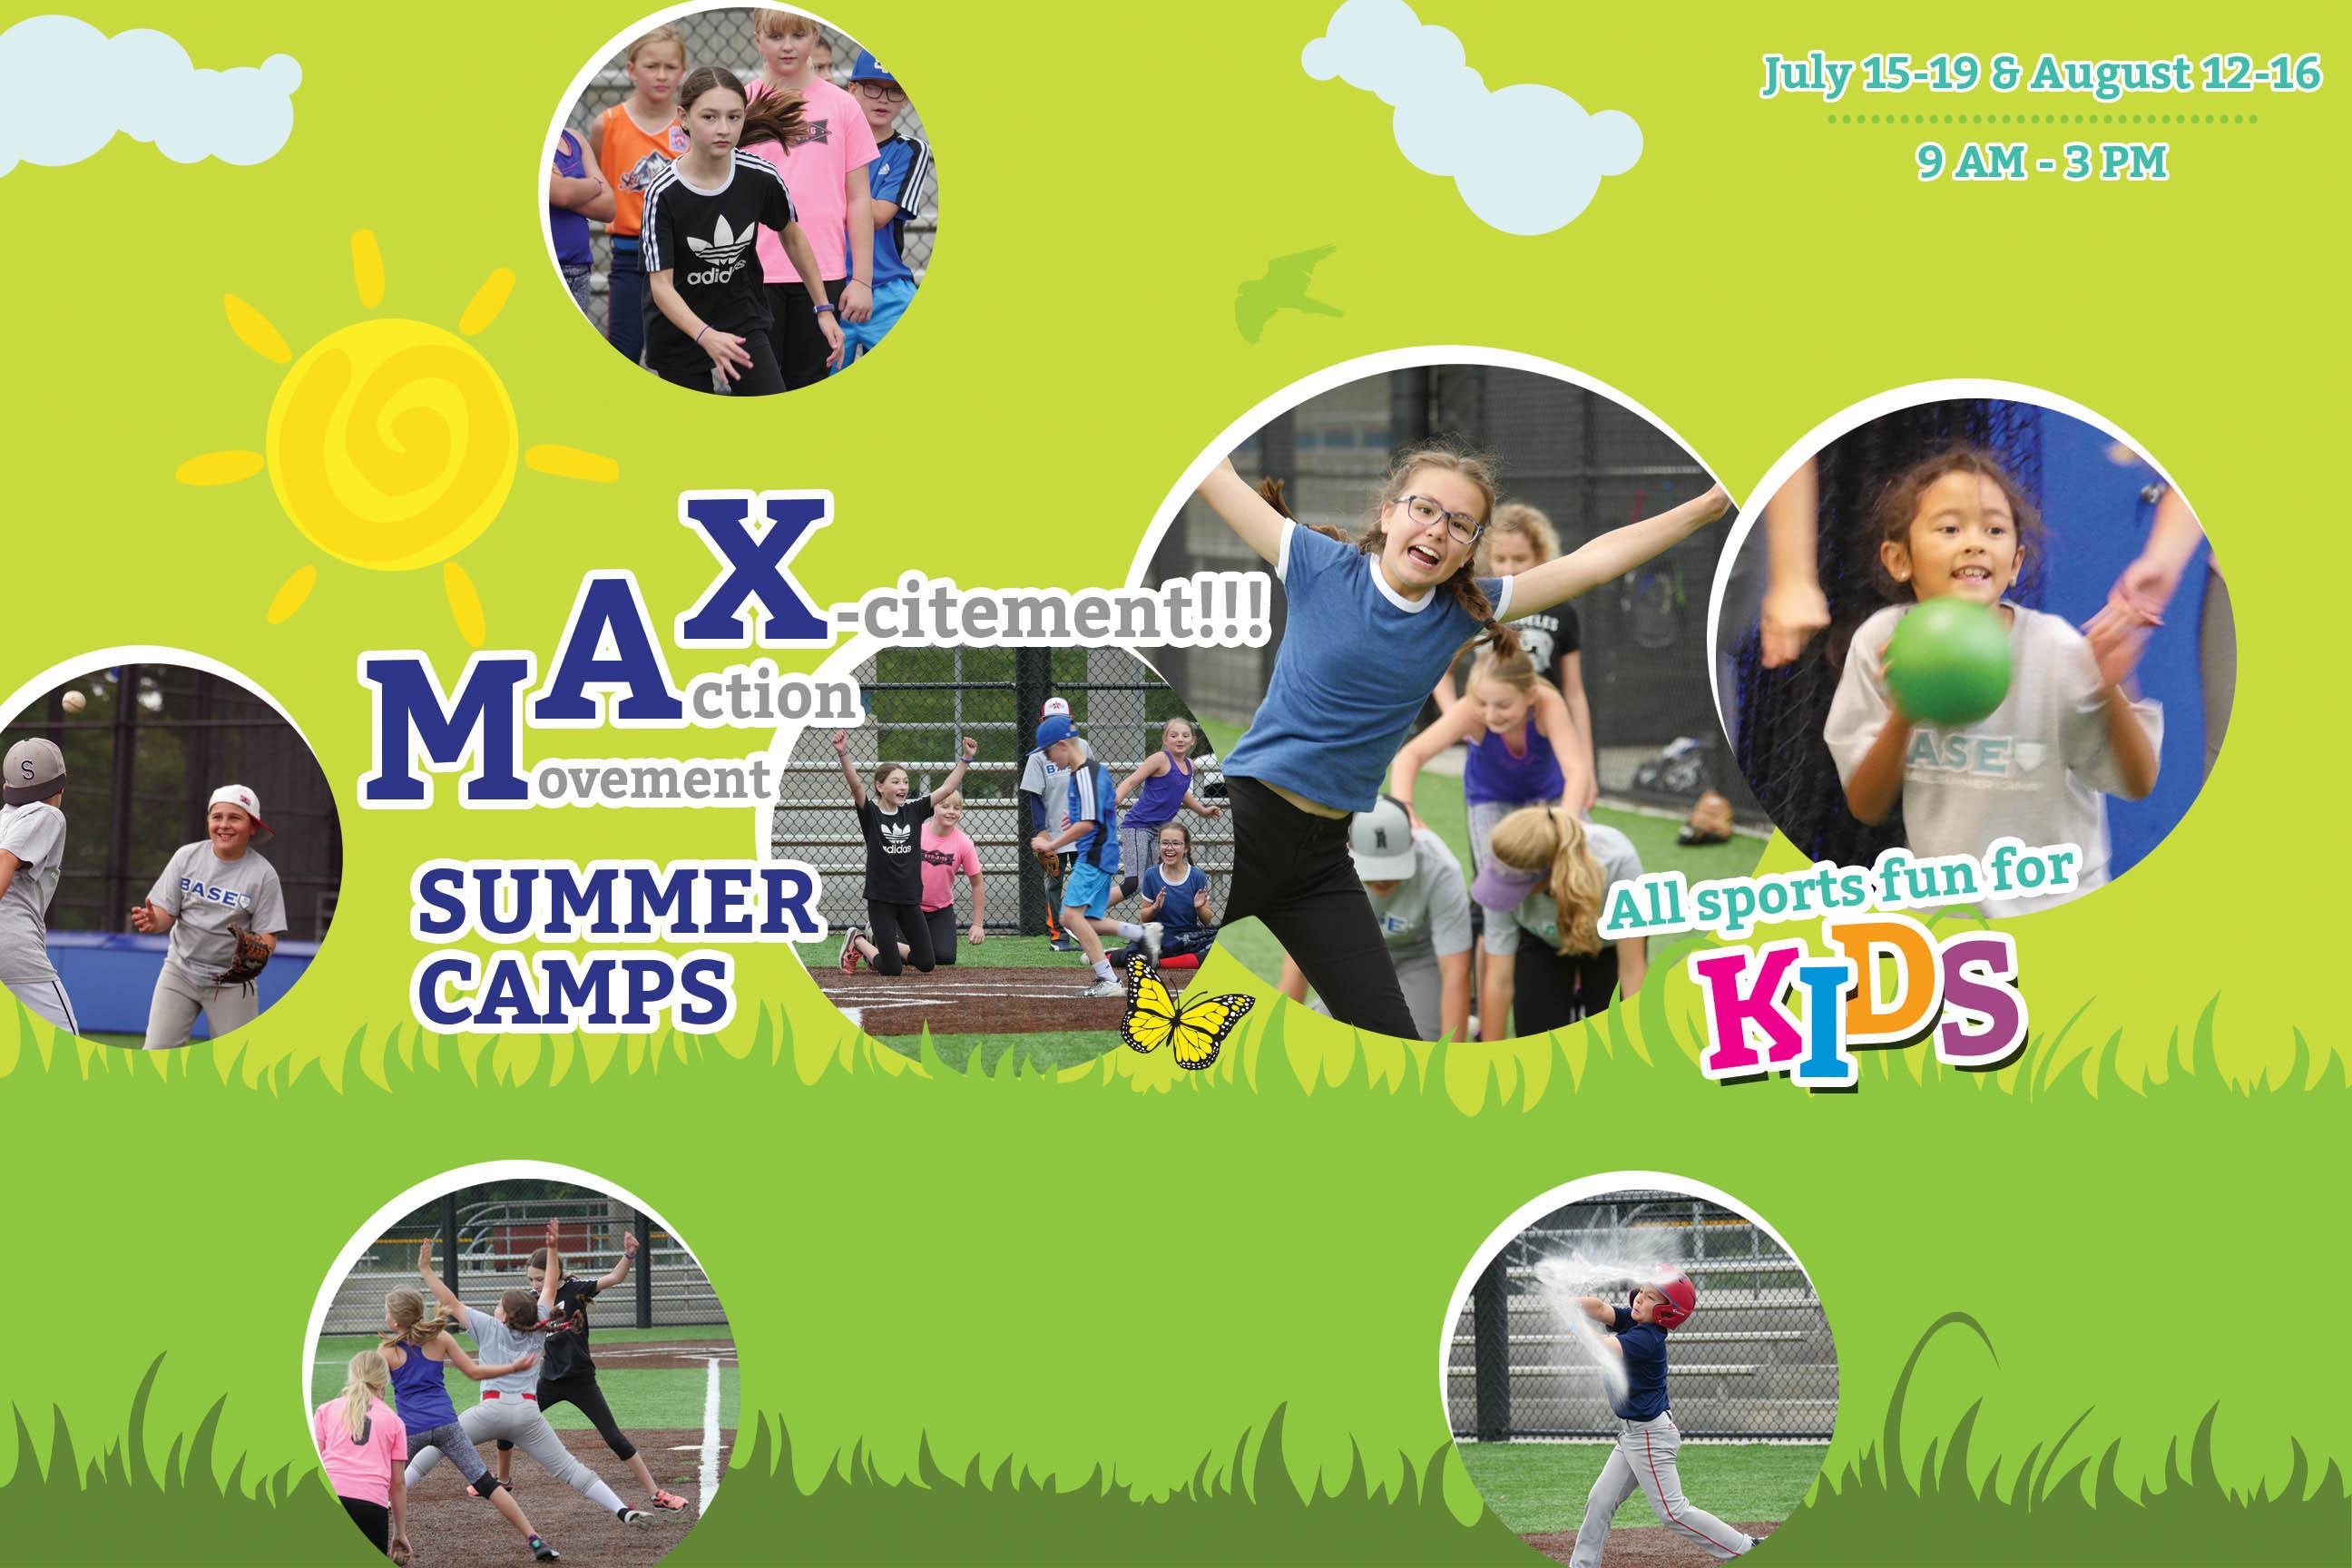 2019 MAX Summer Camps (7/15-19, 8/12-16)